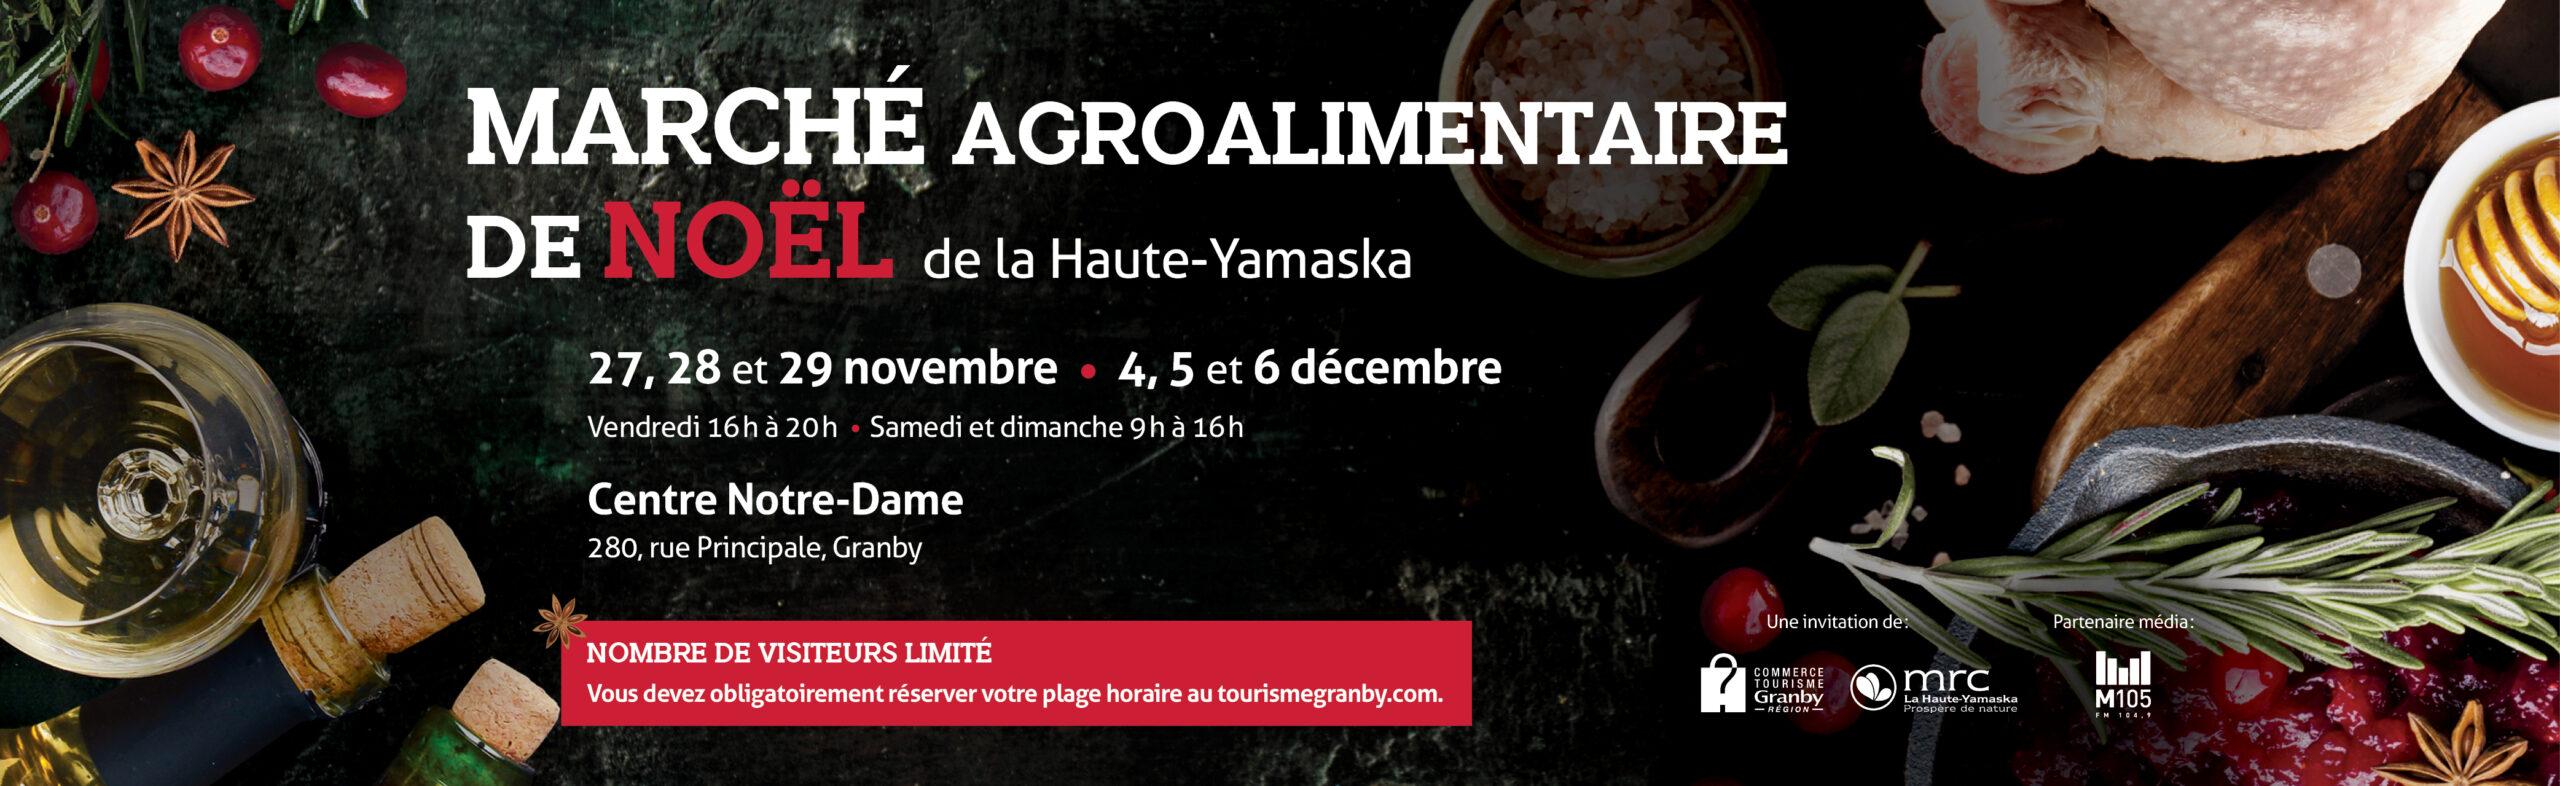 Une 12<sup>e</sup>  édition du Marché de Noël de la Haute-Yamaska concentrée sur l'offre agroalimentaire